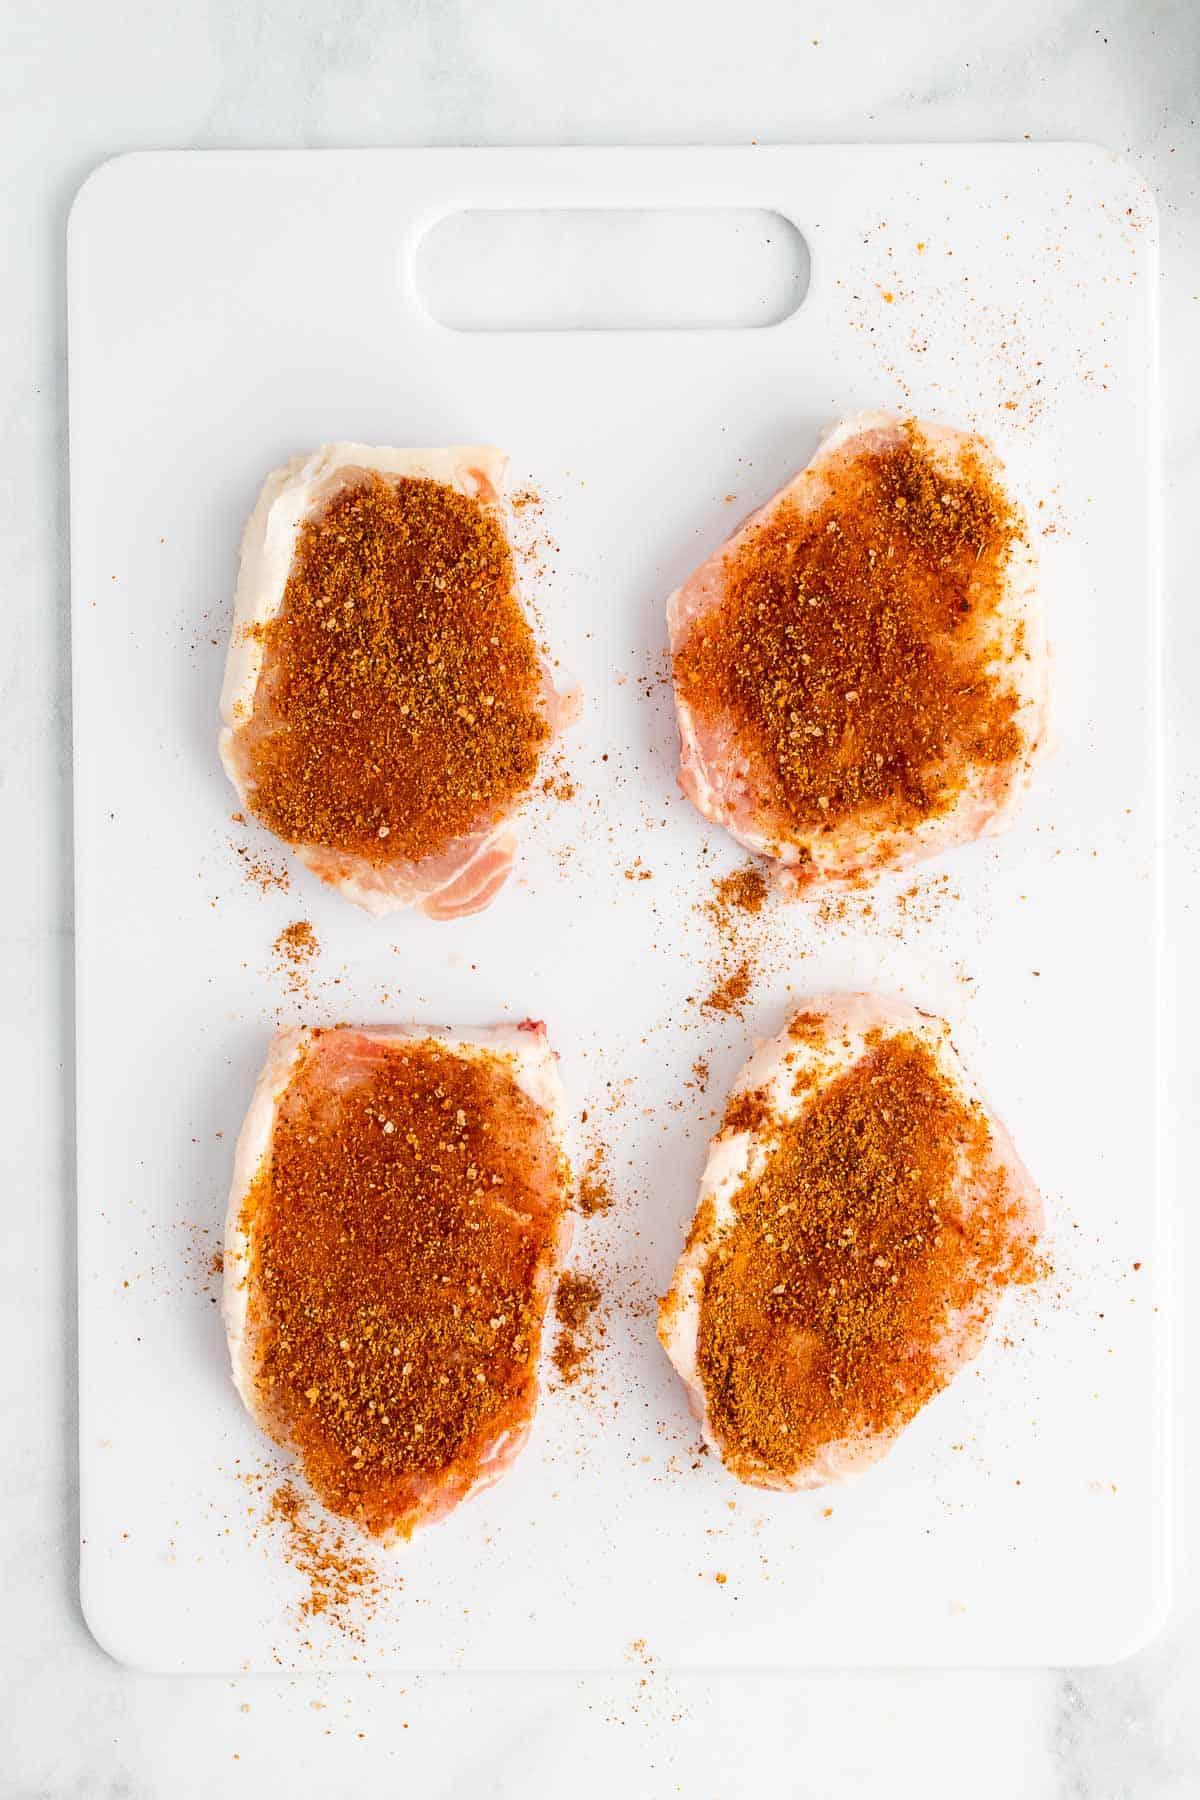 4 pork chops with seasoning on cutting board